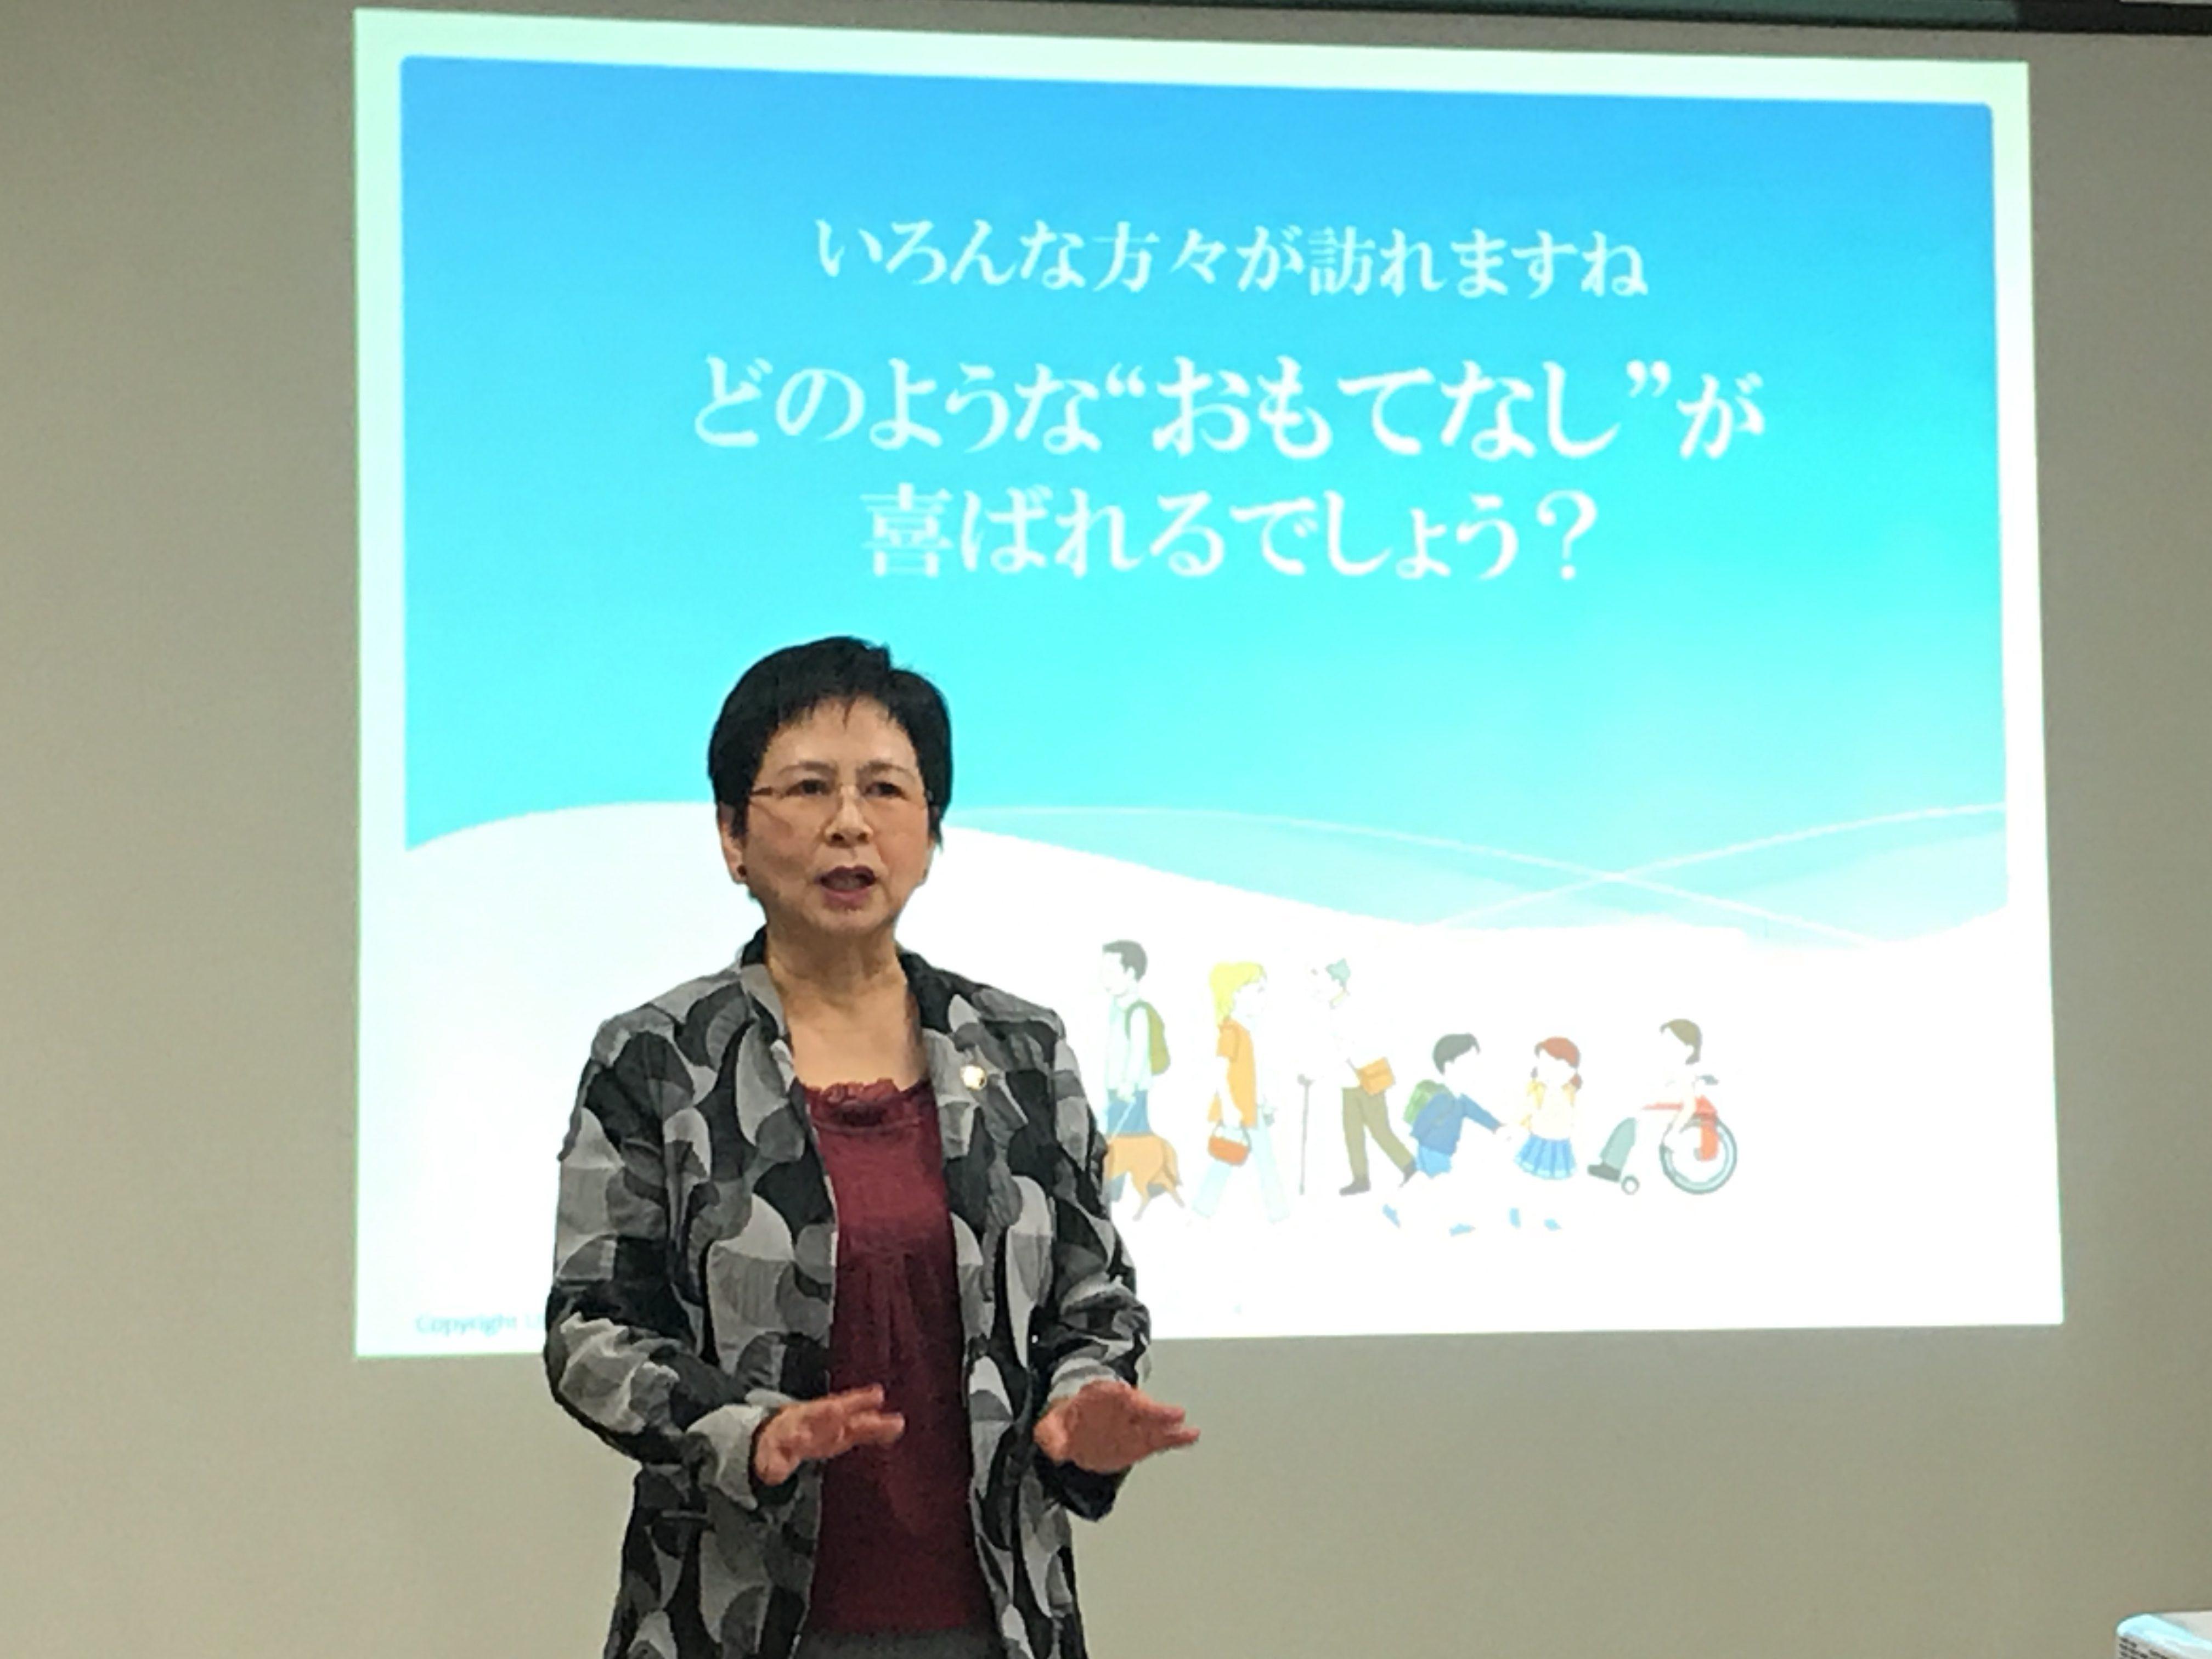 DA協会代表内山早苗がダイバーシティセミナーで話している